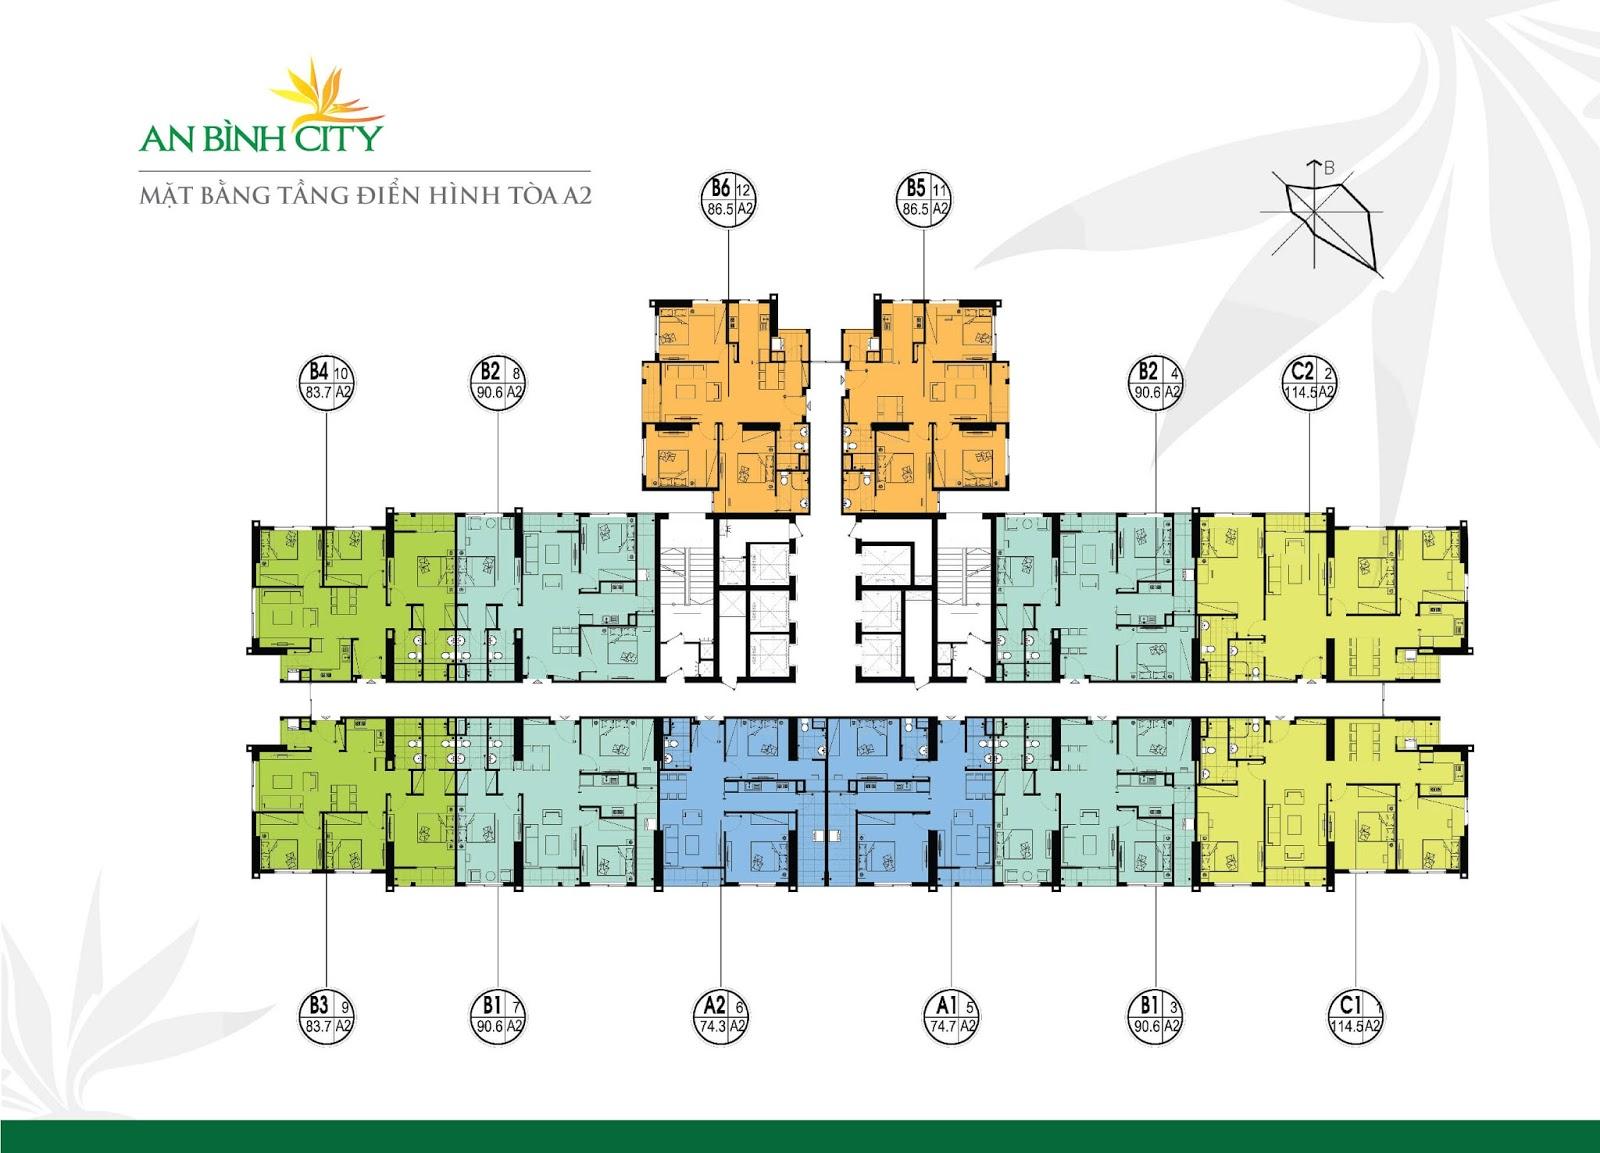 Mặt bằng chi tiết toà A2 tại chung cư An Bình City